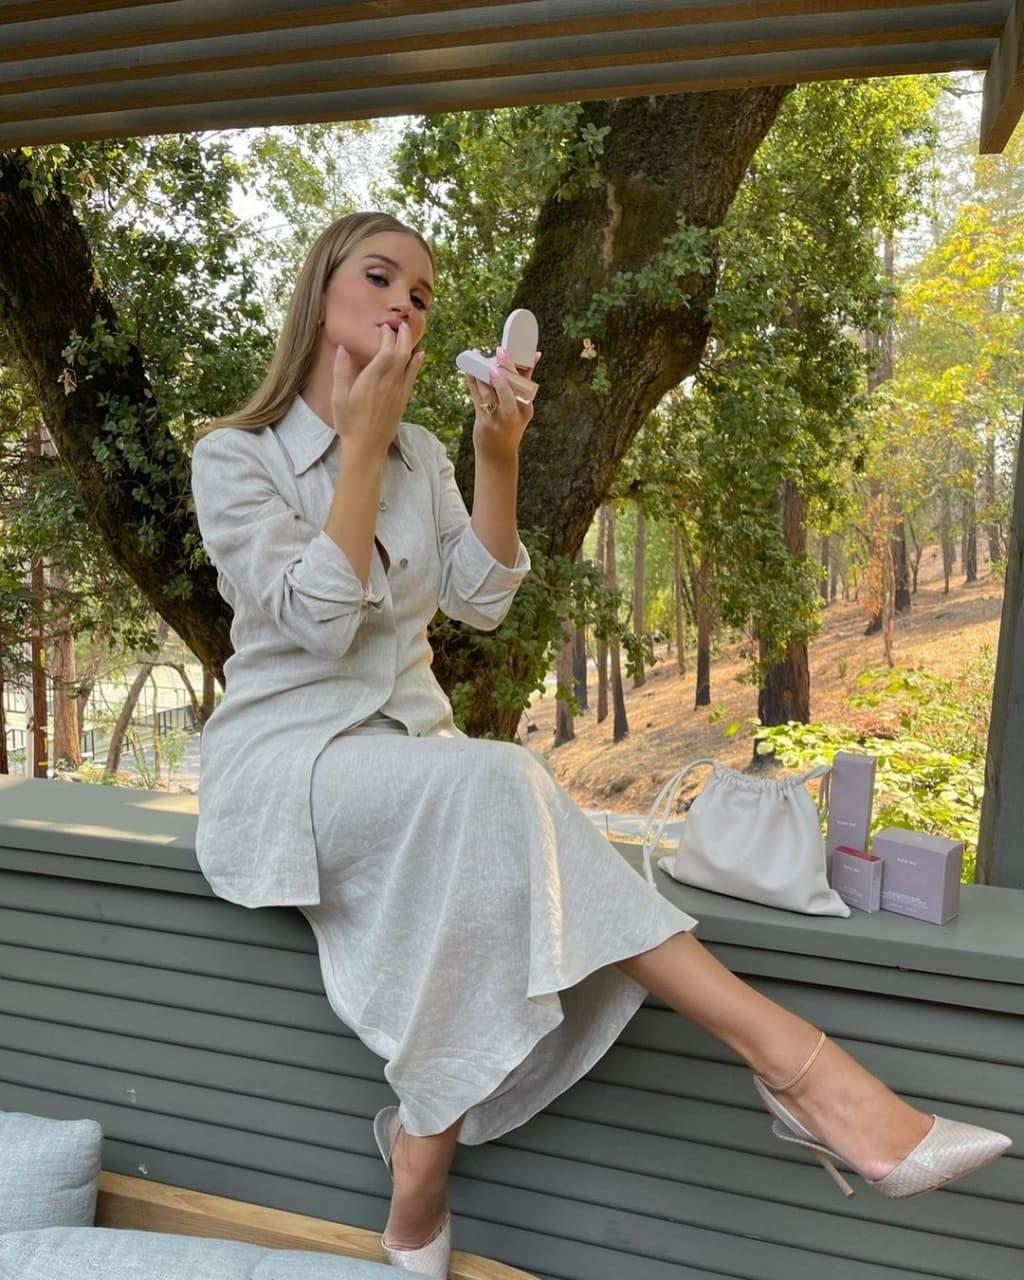 Стильний образ Розі Гантінгтон-Вайтлі / Фото з інстаграму інфлюенсерки